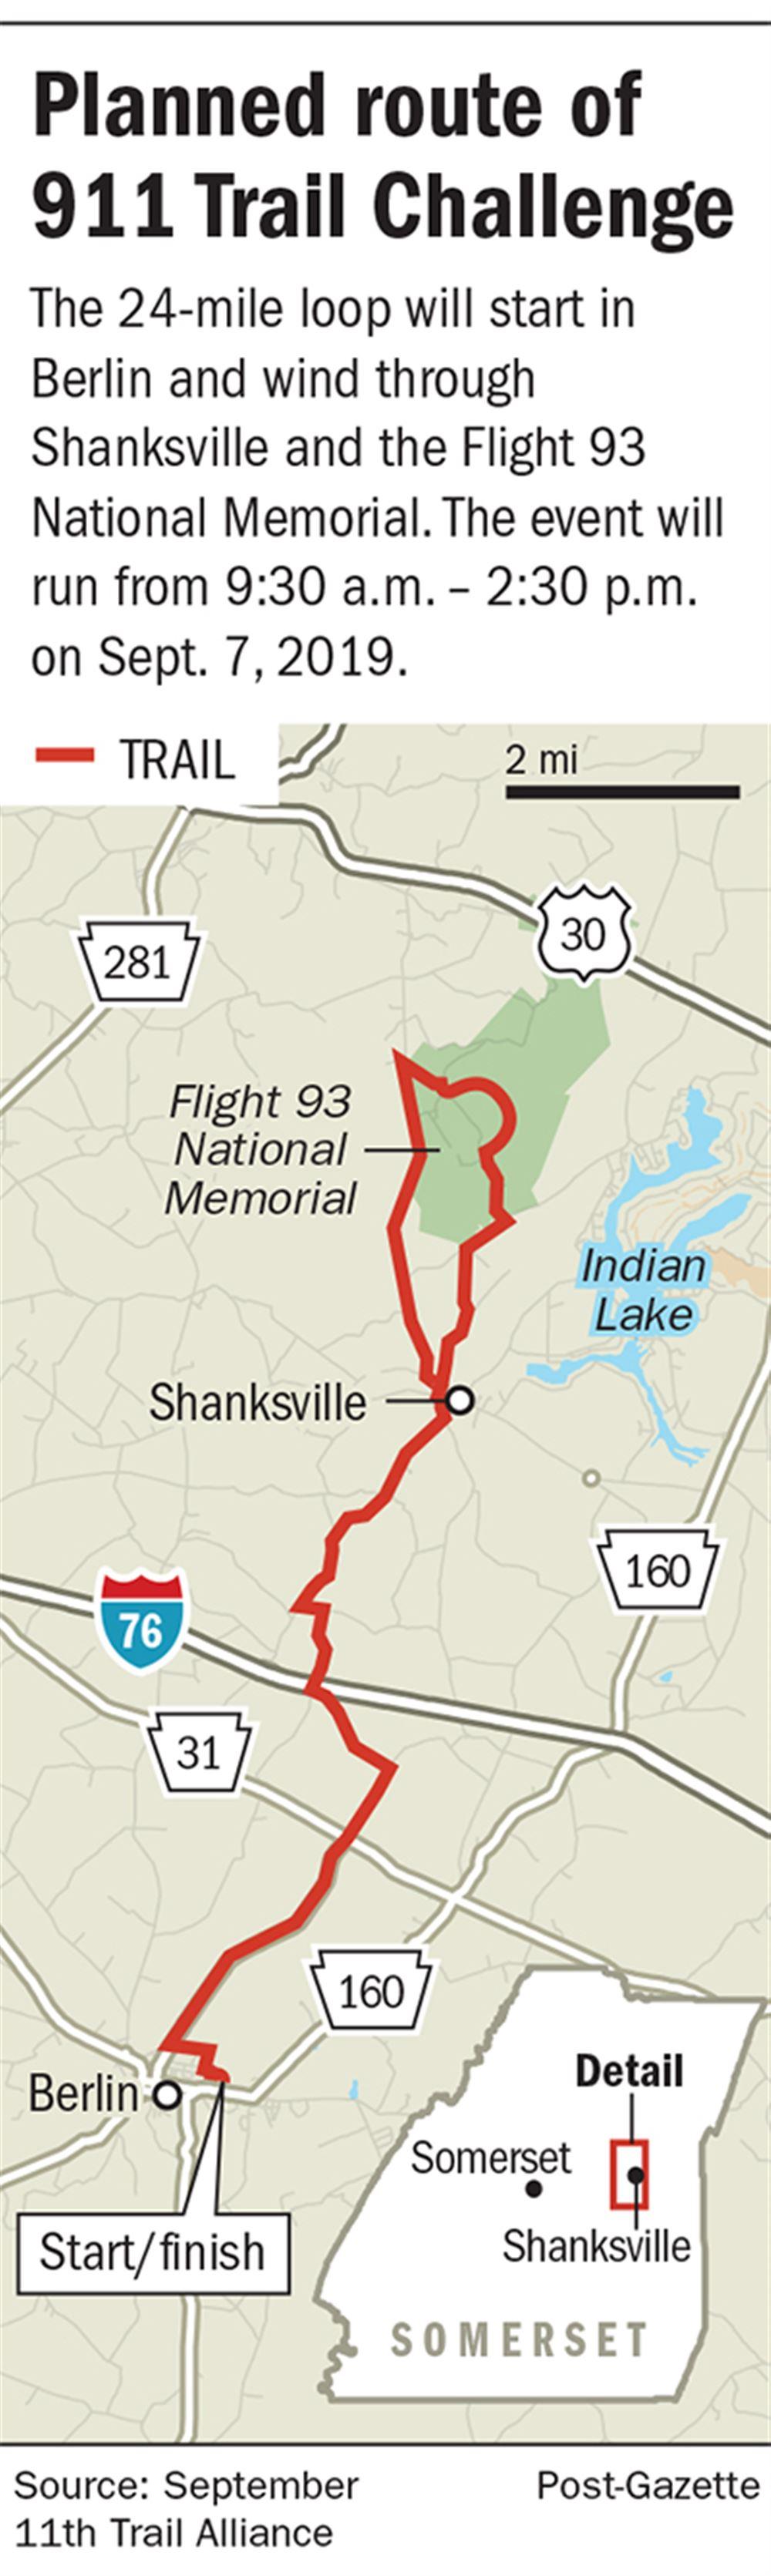 911 Memorial trail